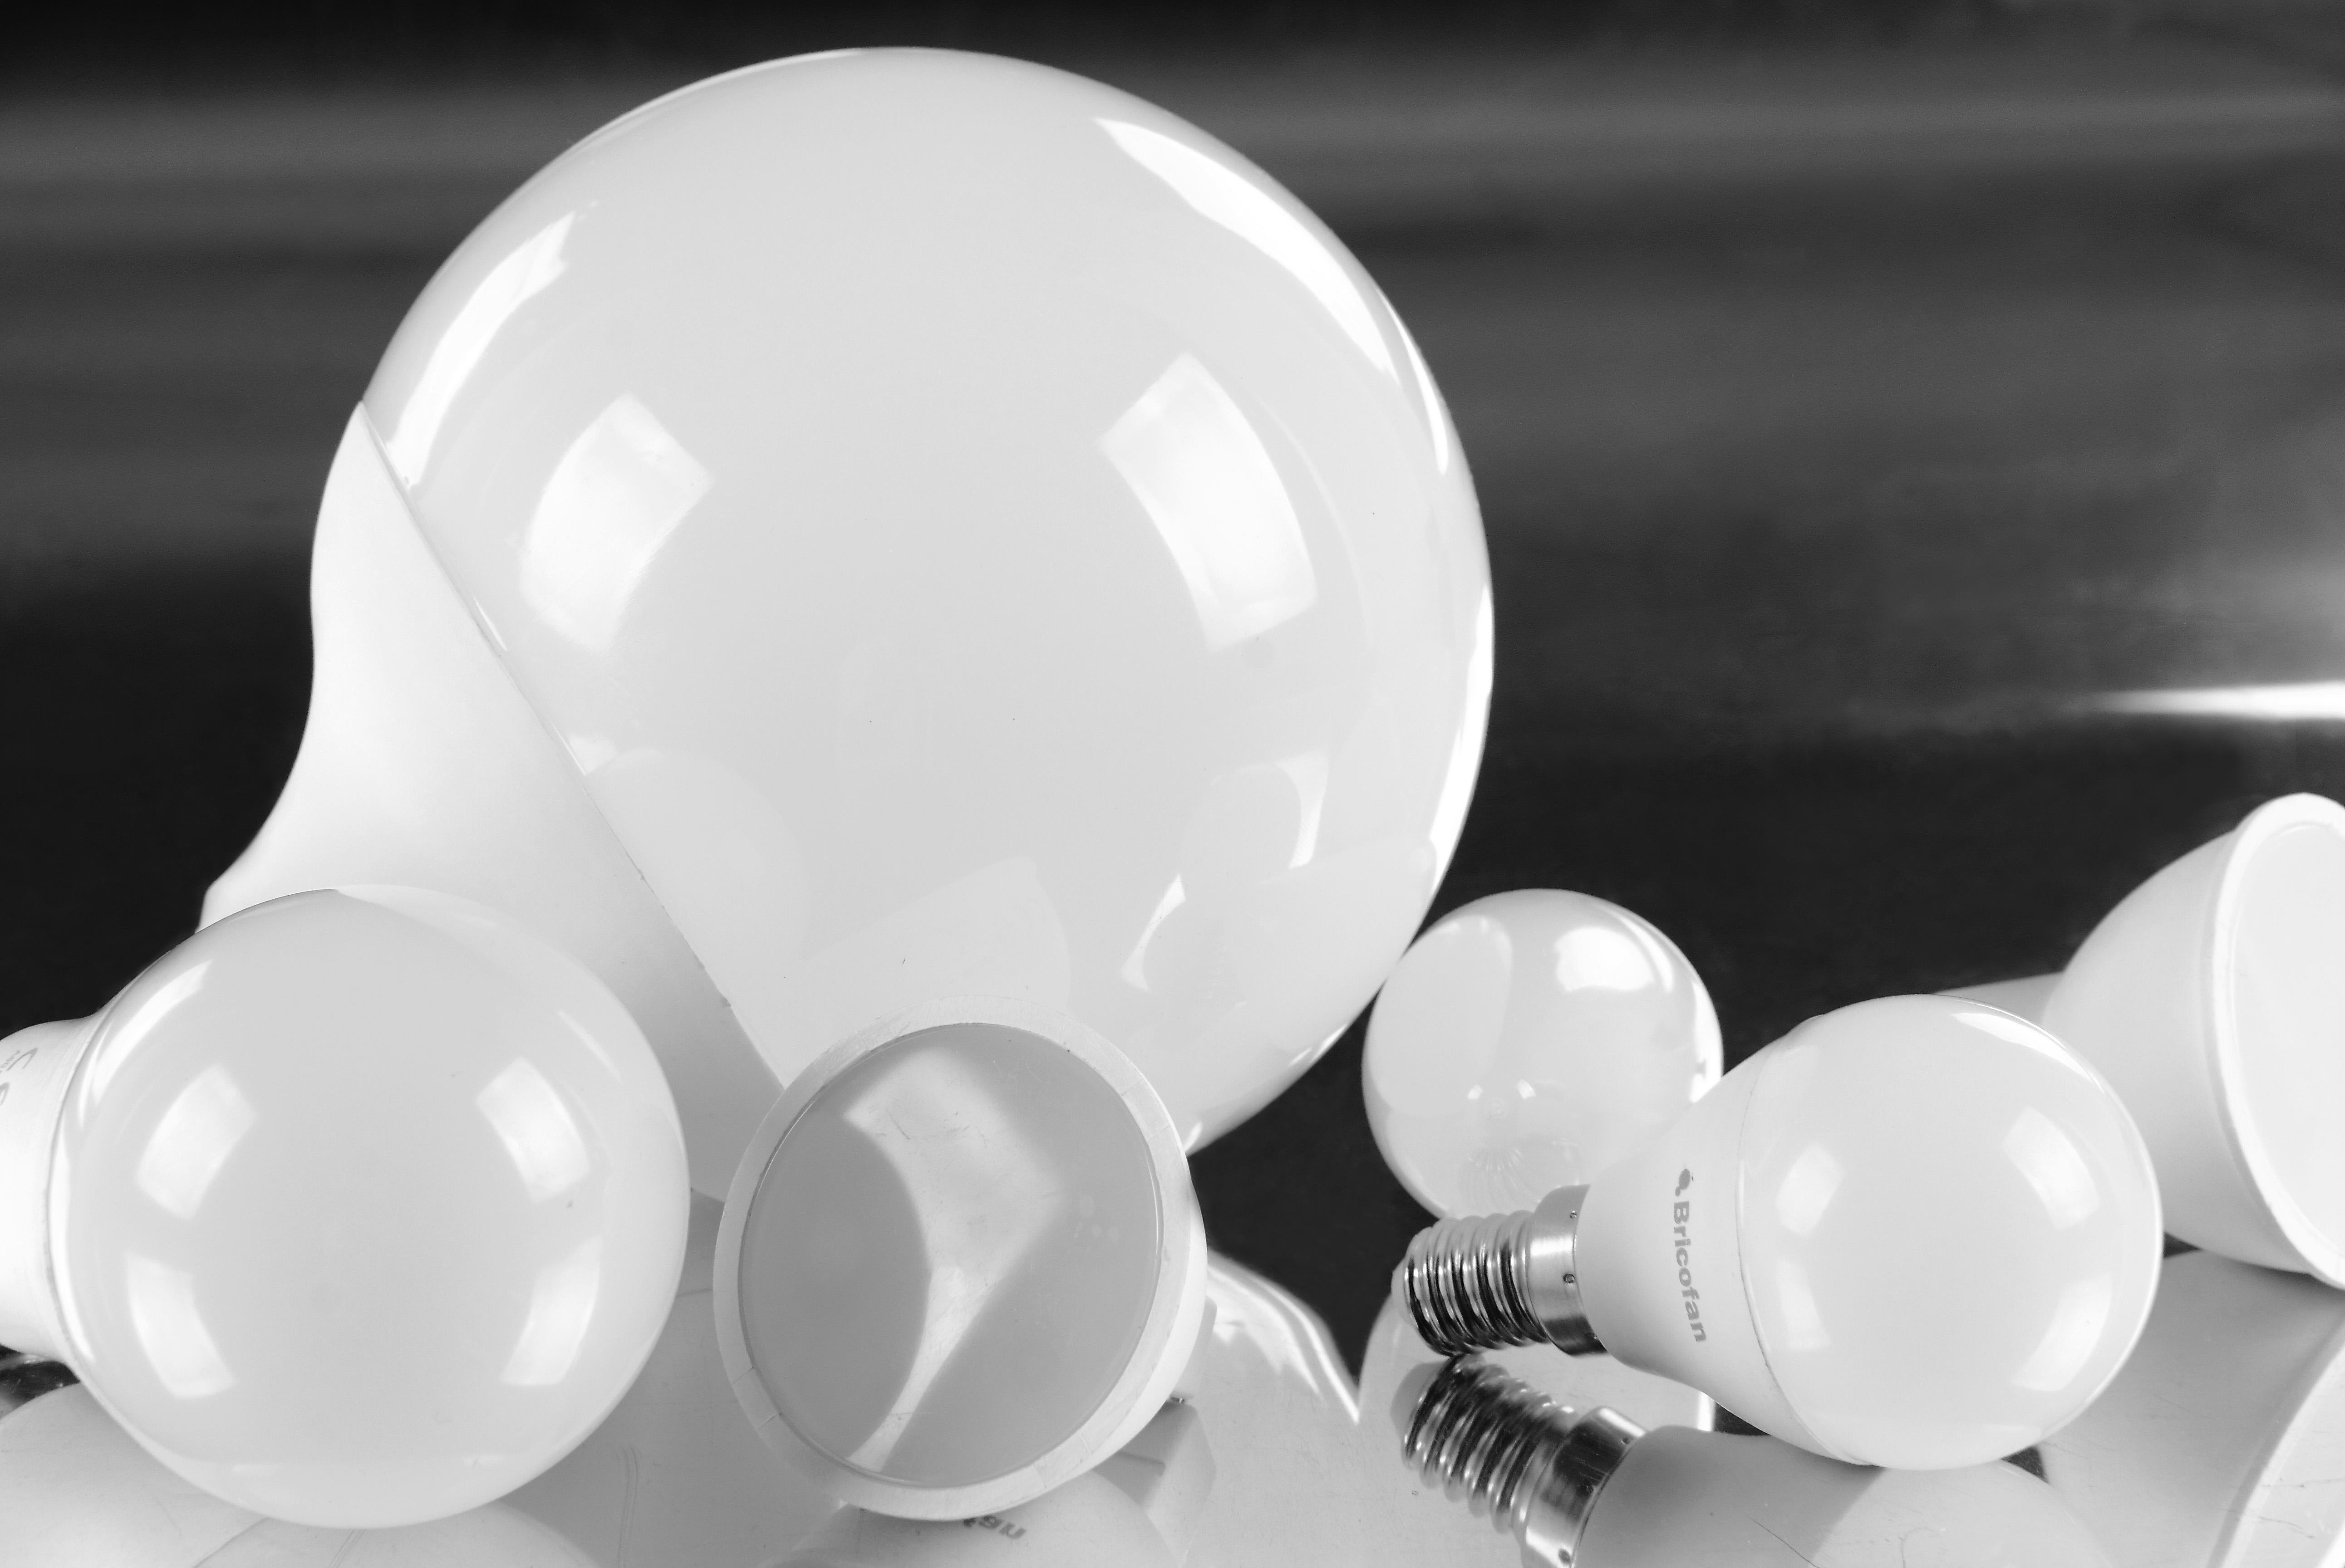 gama de iluminación LED Bricofan para el hogar o negocio